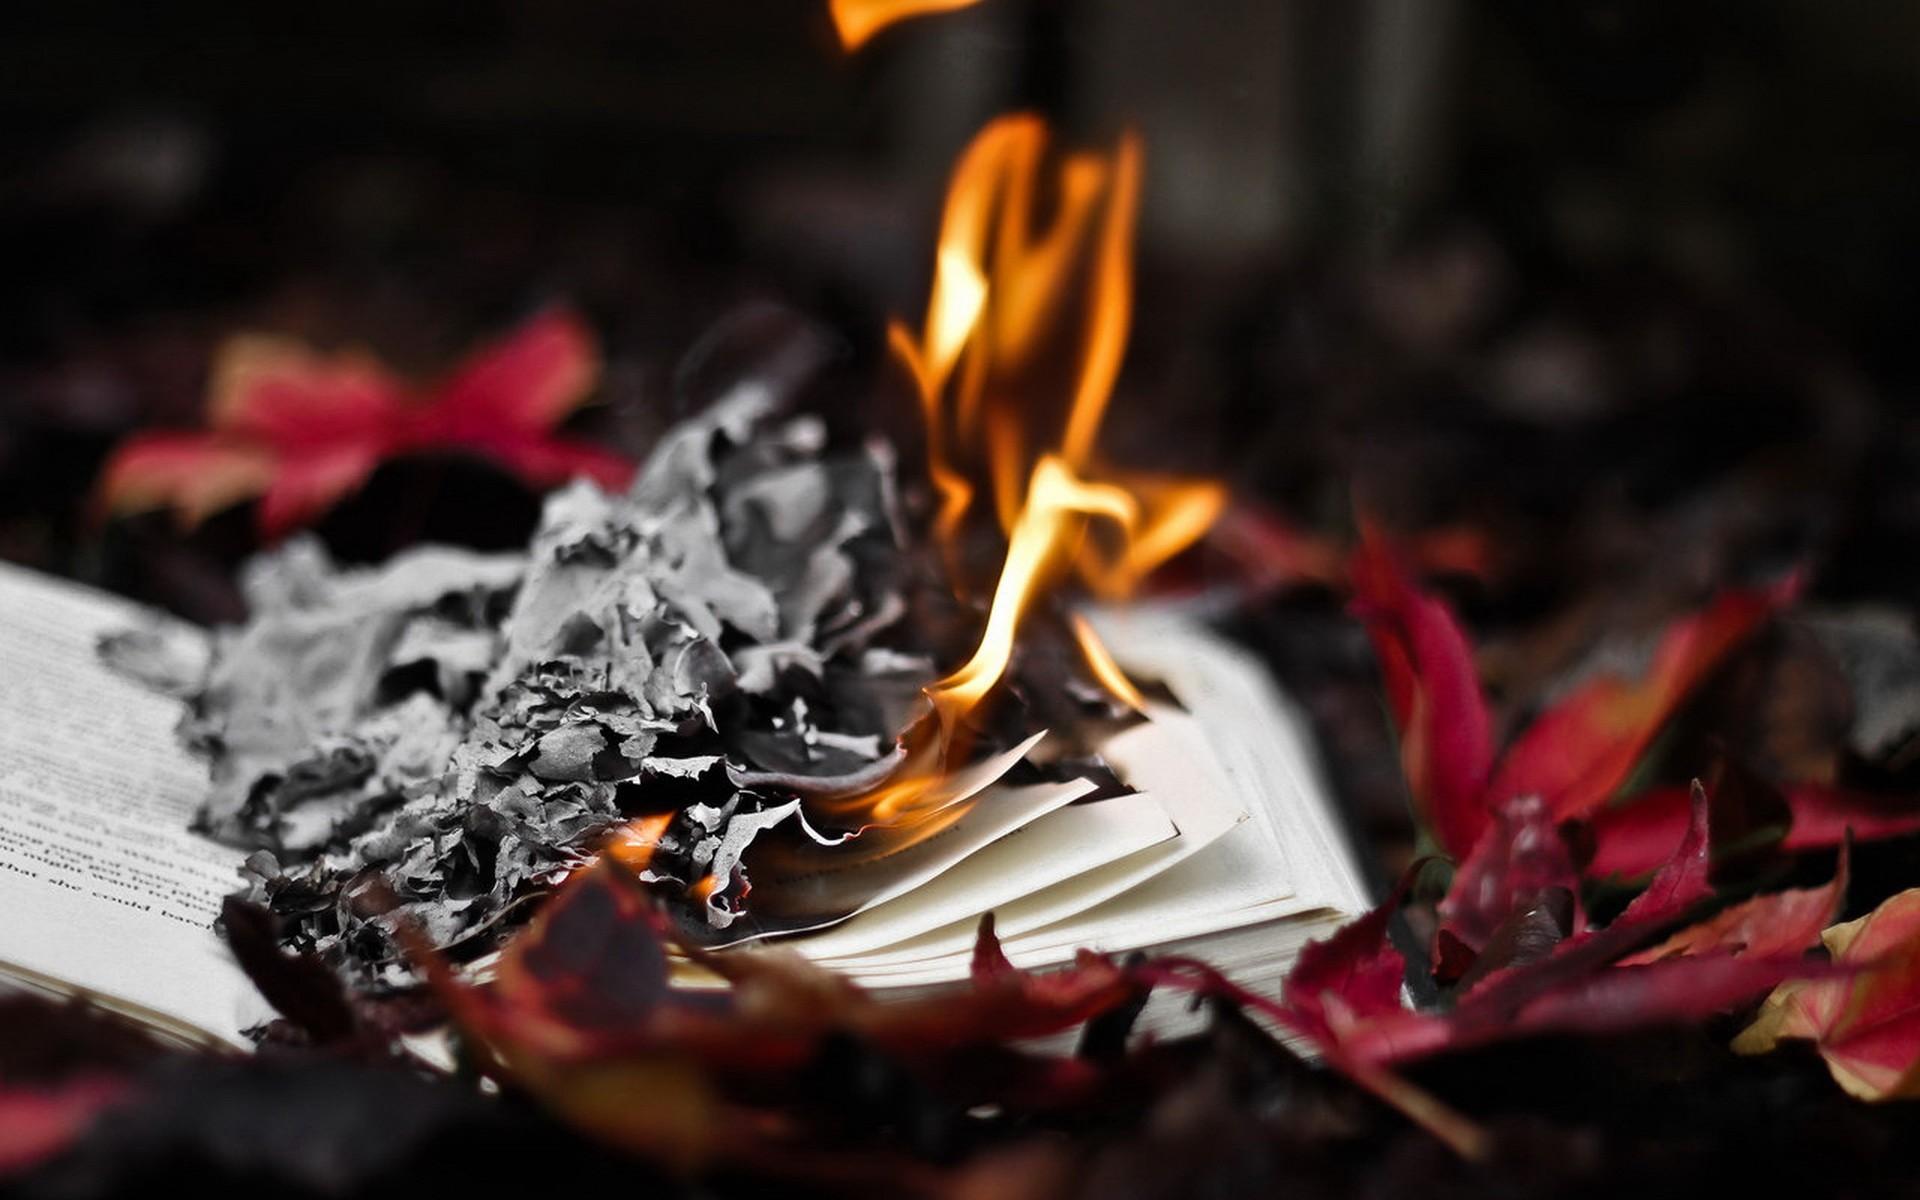 Картинки горящих бумаг